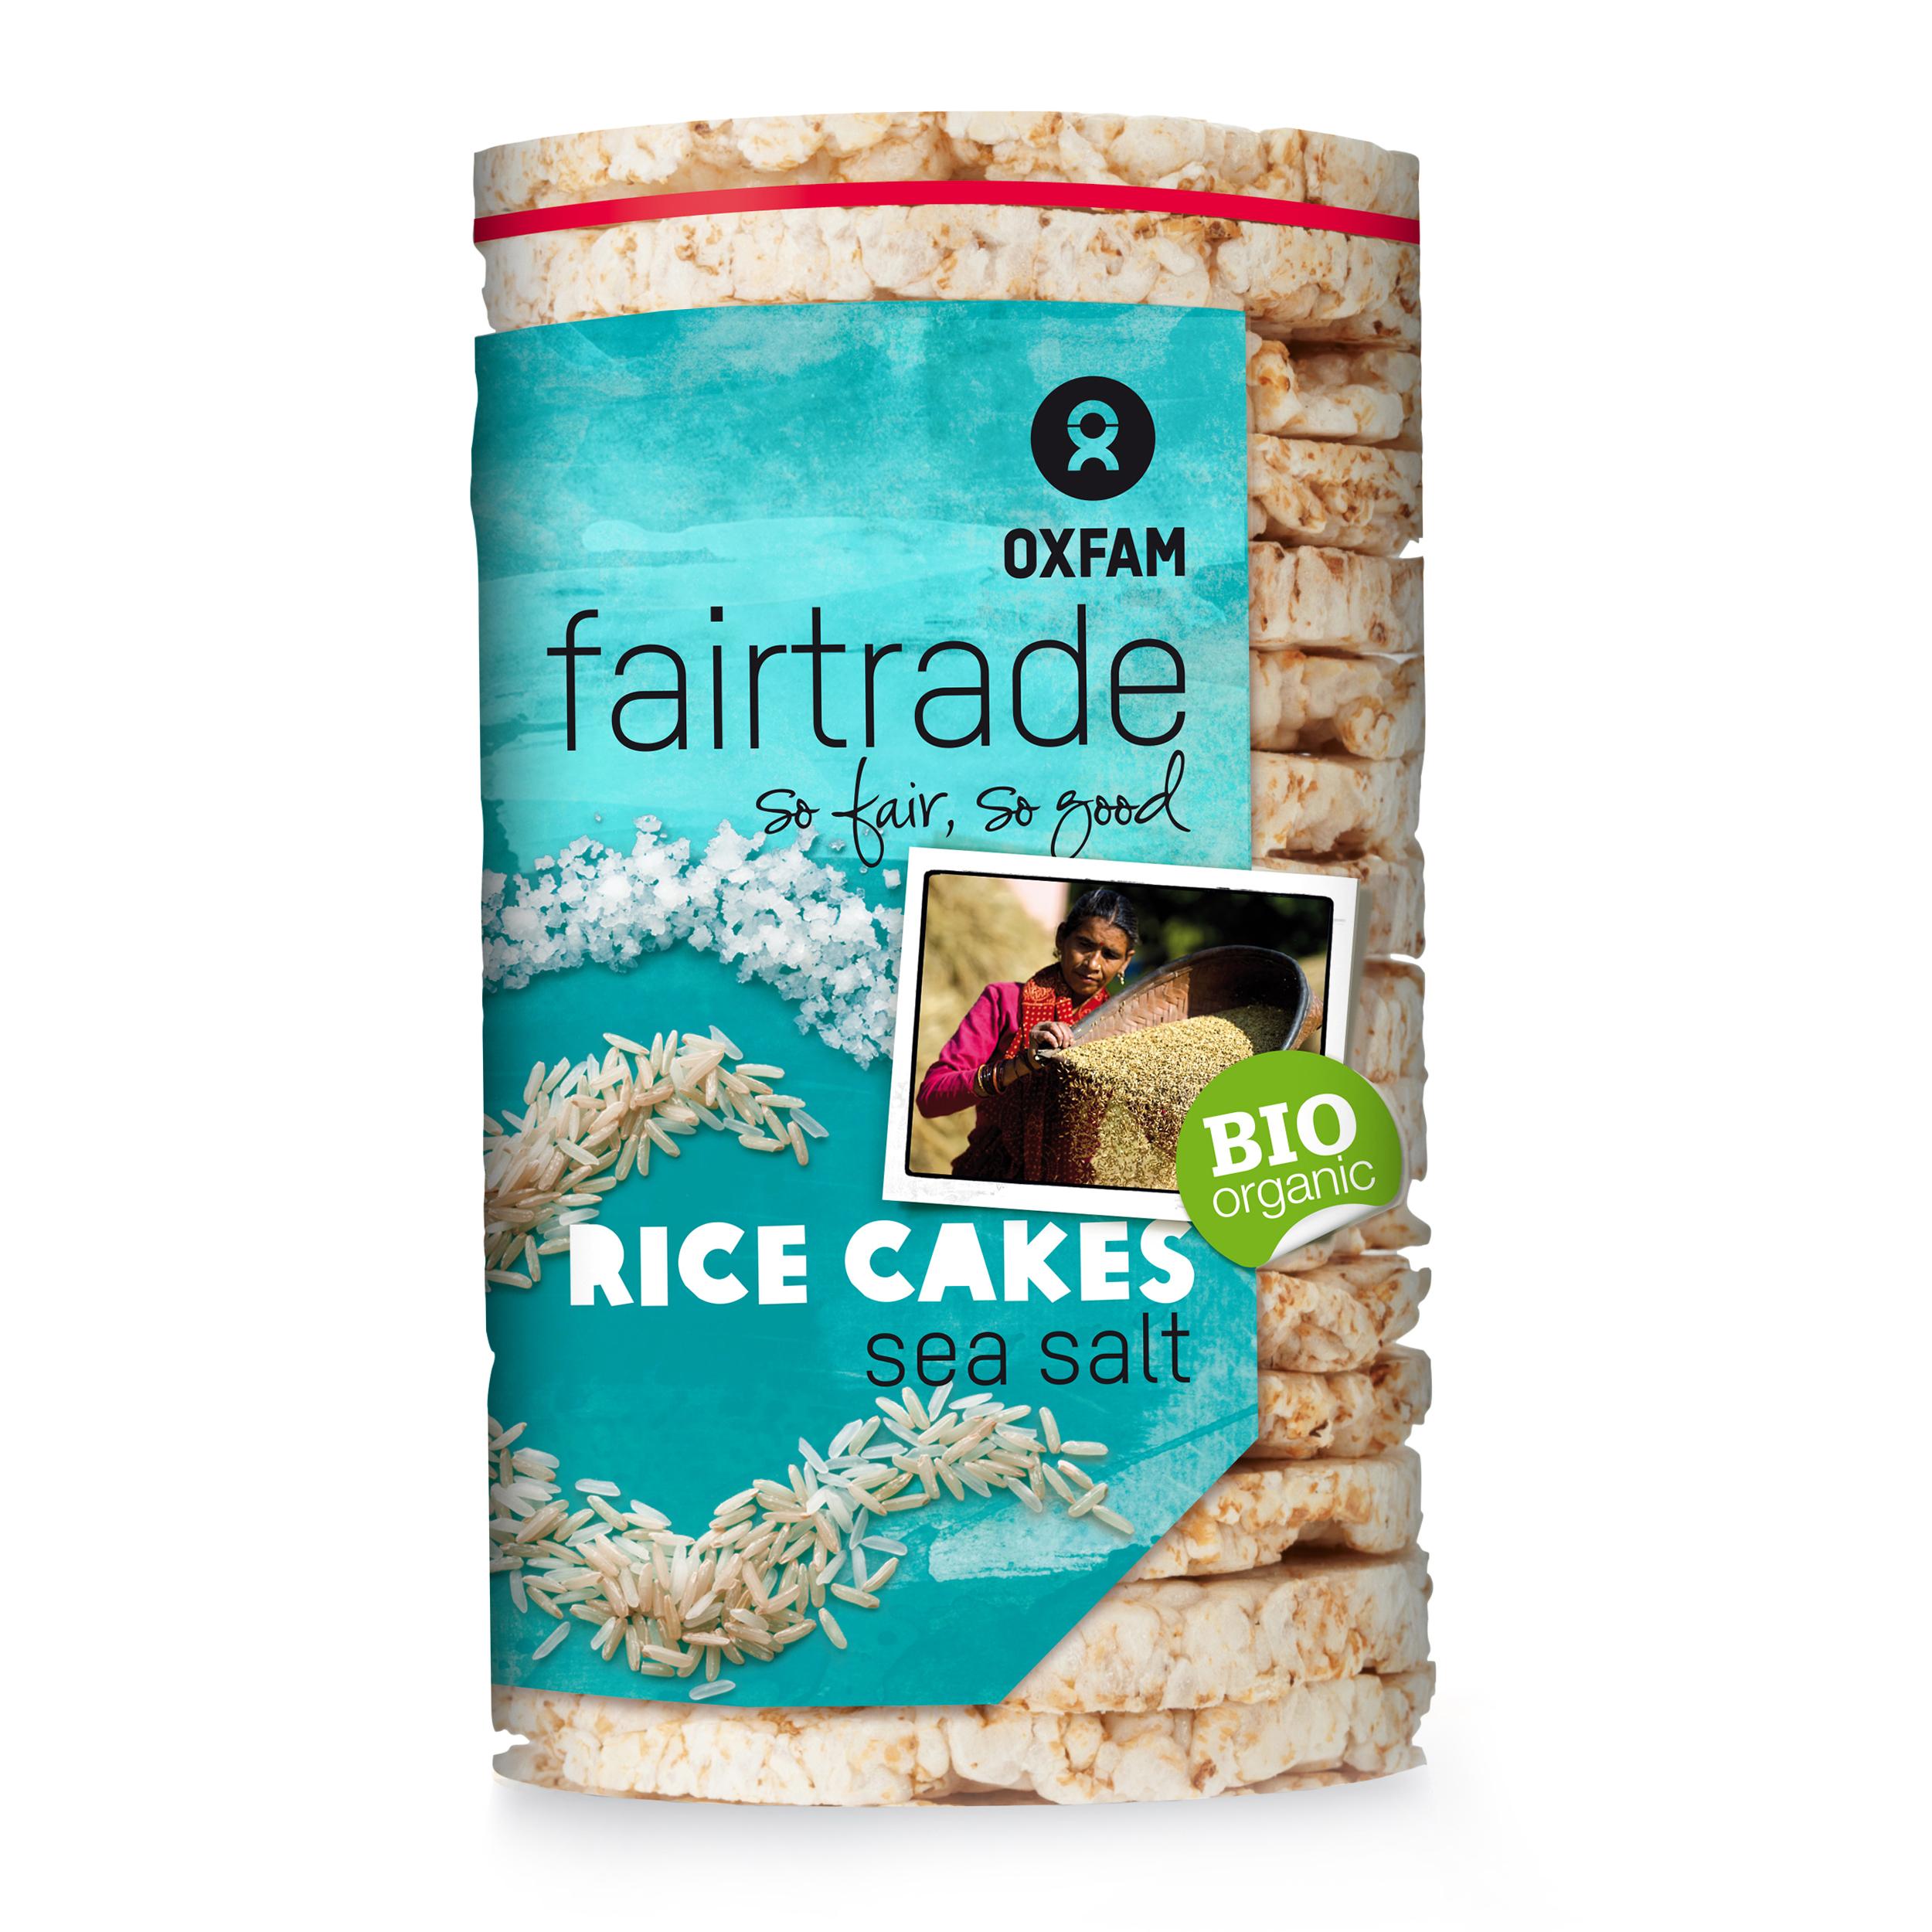 Oxfam Fair Trade 27150